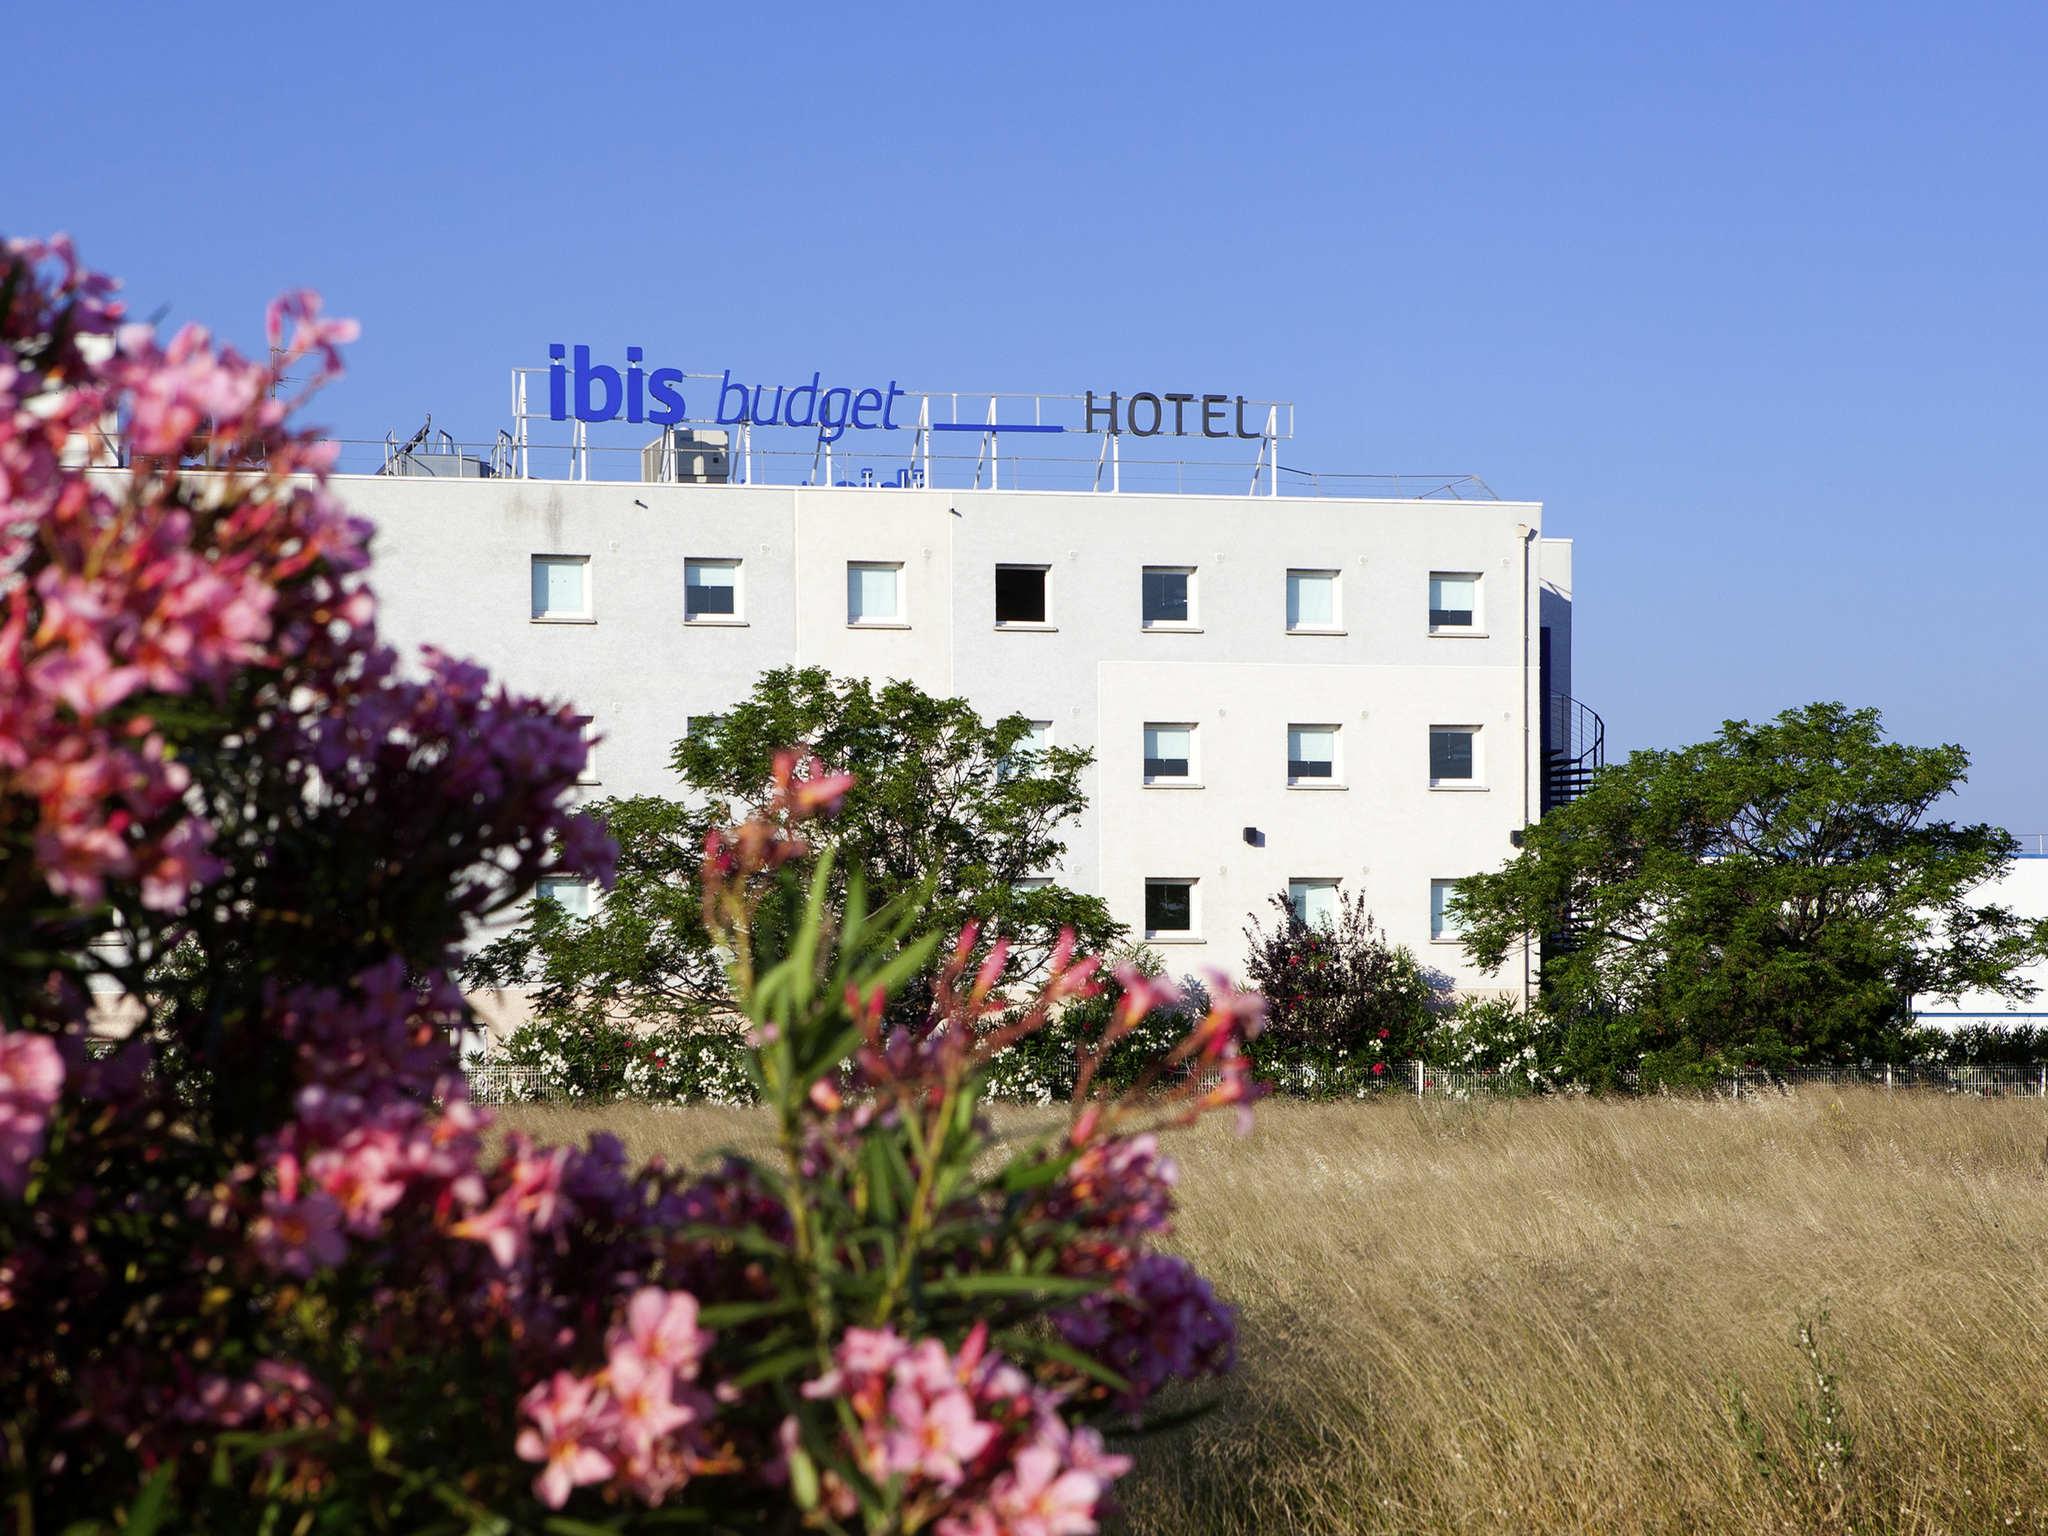 Hôtel - ibis budget Narbonne Est